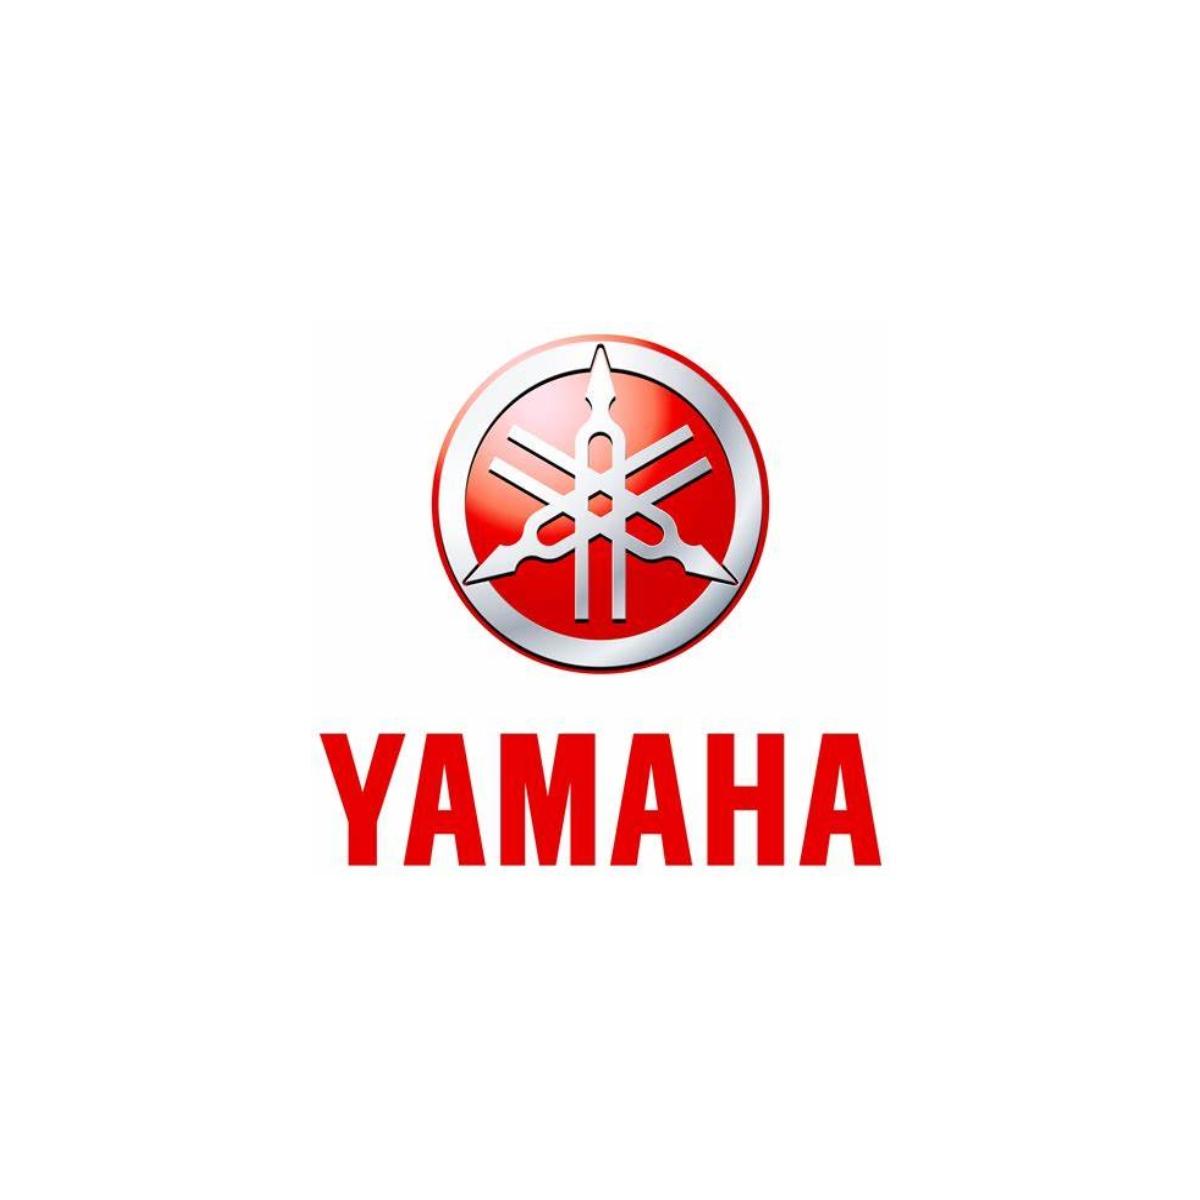 Pistao para Jet Ski Yamaha 2 tempos  650 STD  - Radical Peças - Peças para Jet Ski